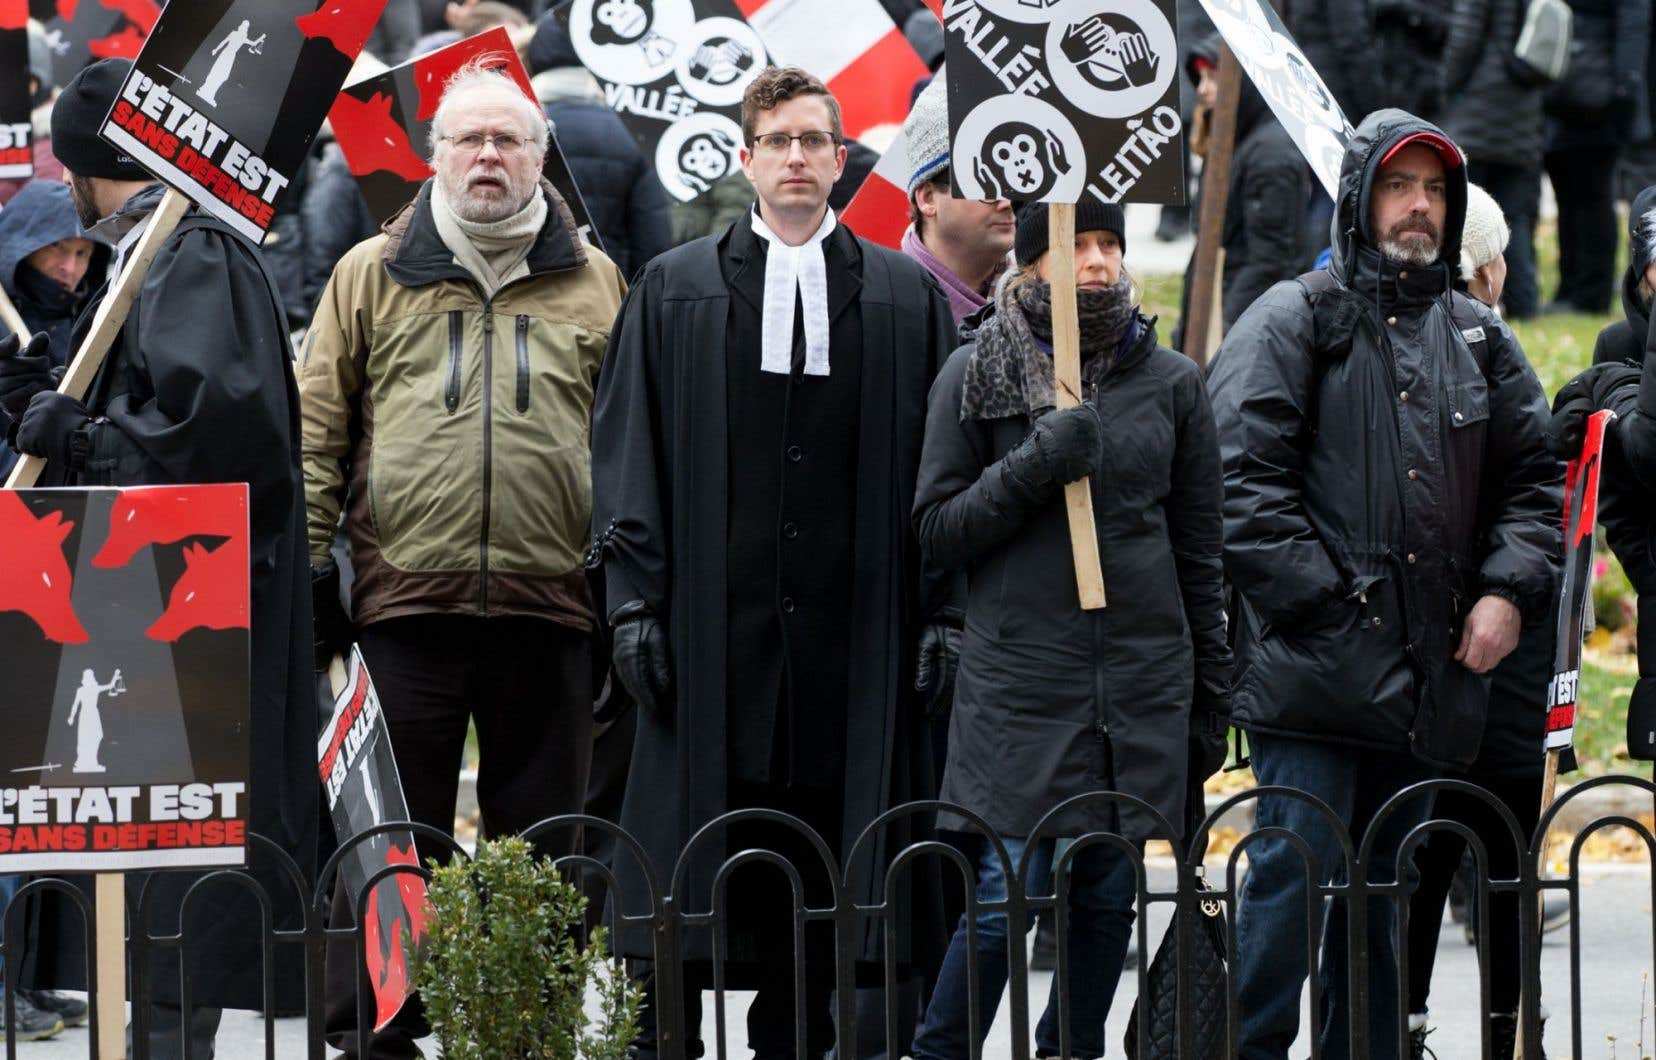 La grève des greffiers spéciaux va prolonger l'attente encore davantage puisque toutes les audiences en fixation de loyer ont été annulées depuis le coup d'envoi de la grève des avocats et notaires de l'État québécois le 24octobre dernier.